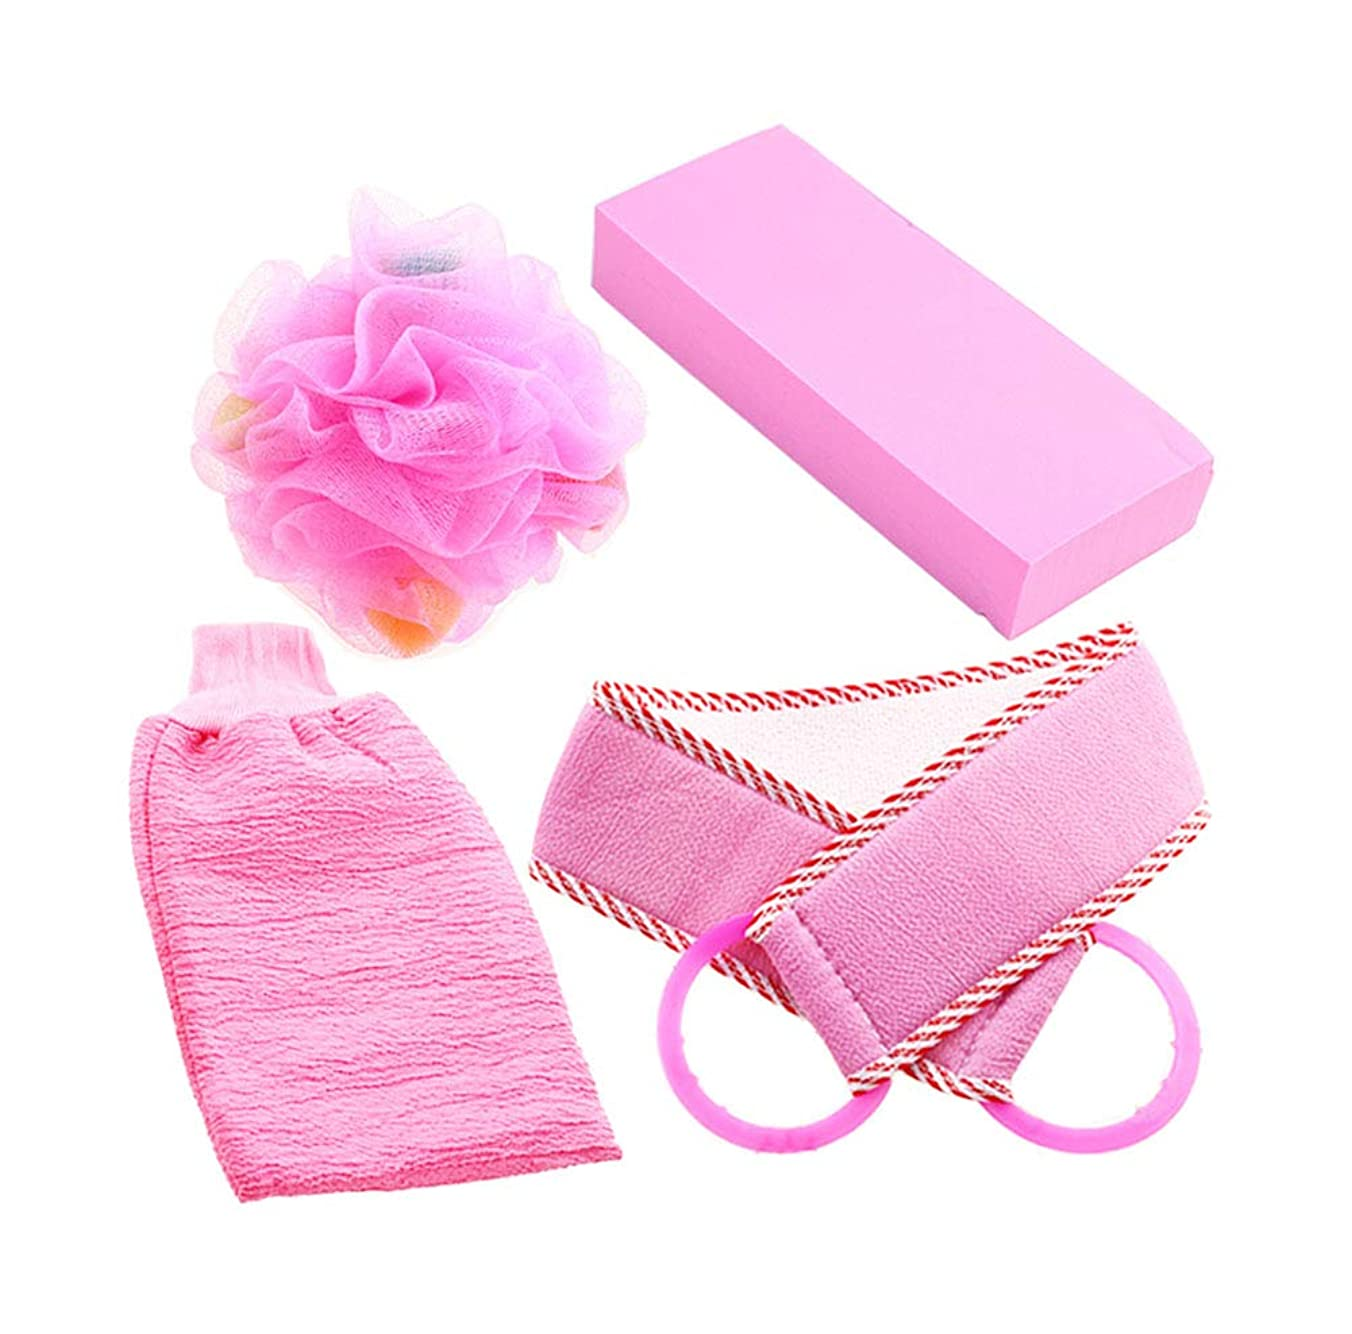 尊敬めまい馬鹿バースストリップ&バスタブフラワー、4本のピンクのエクスフォリエーションシャワースポンジ